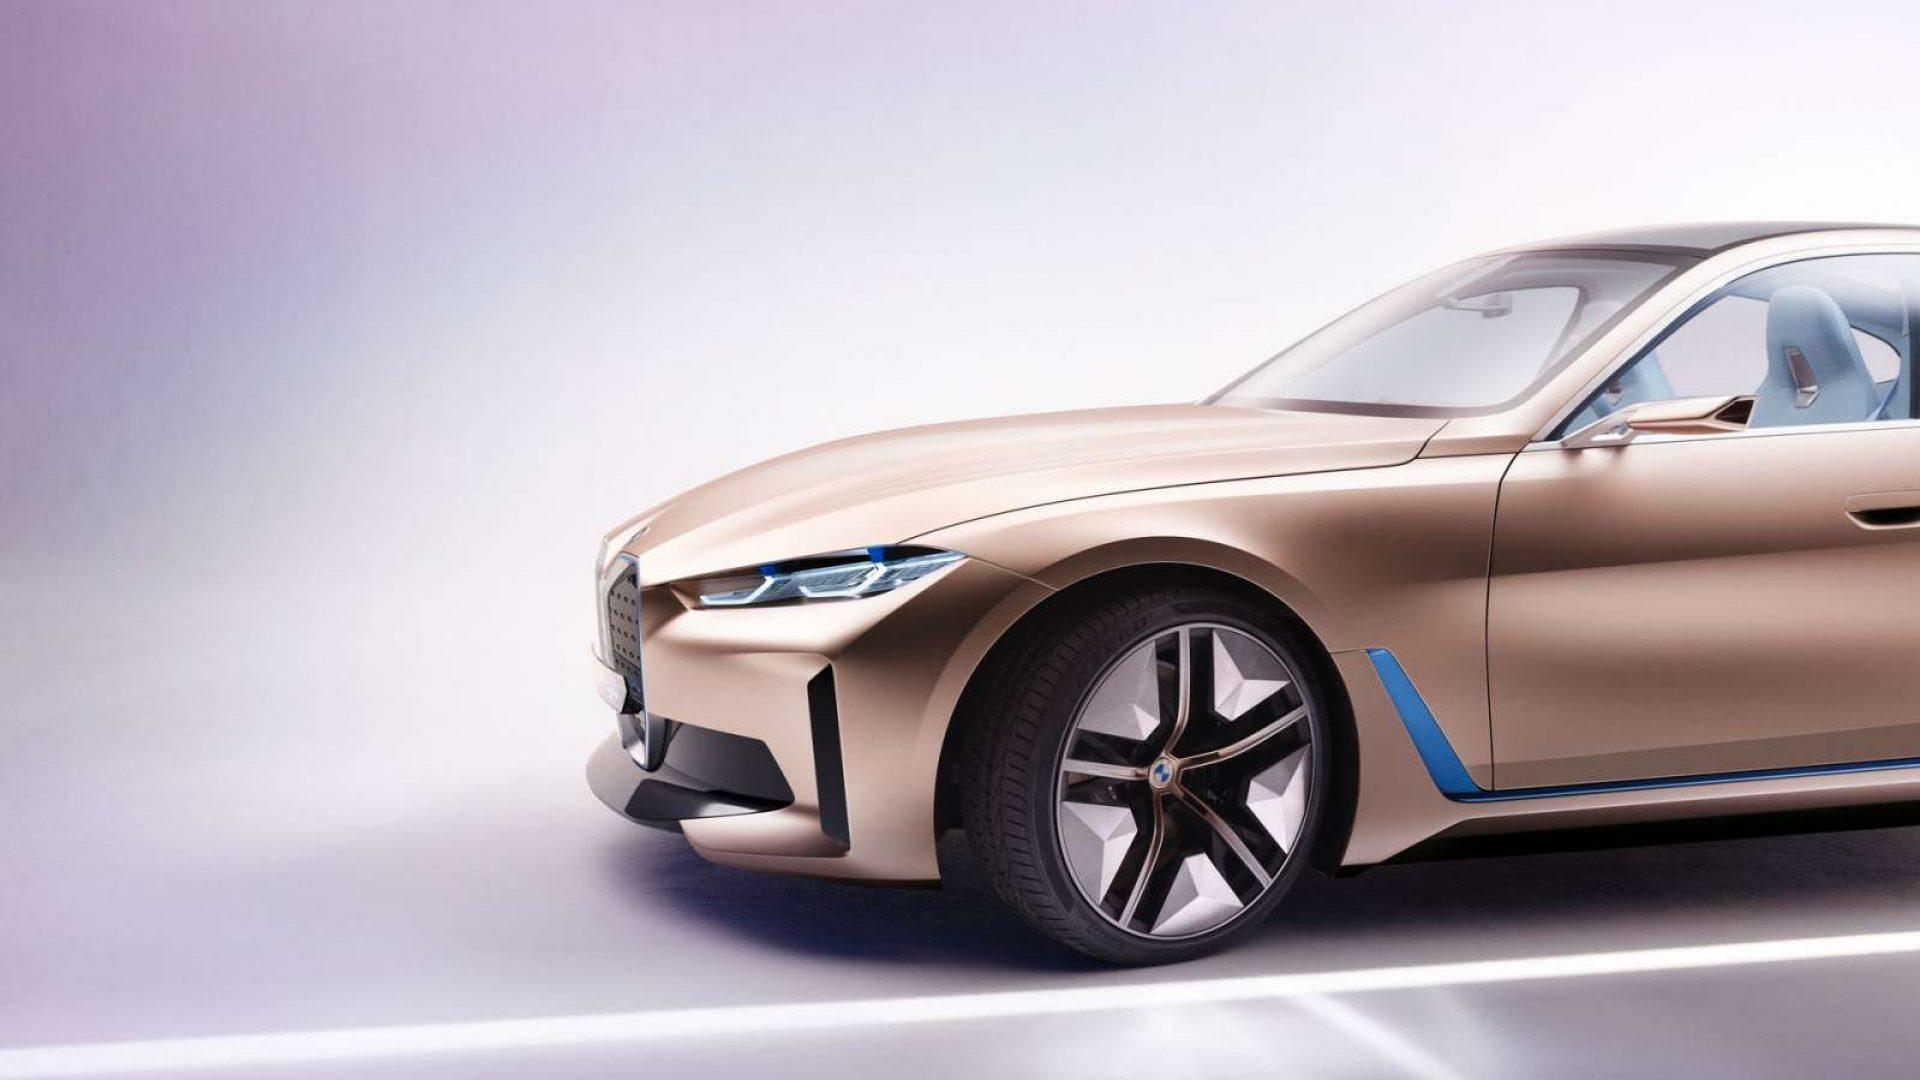 2020-BMW-Concept-i4-06